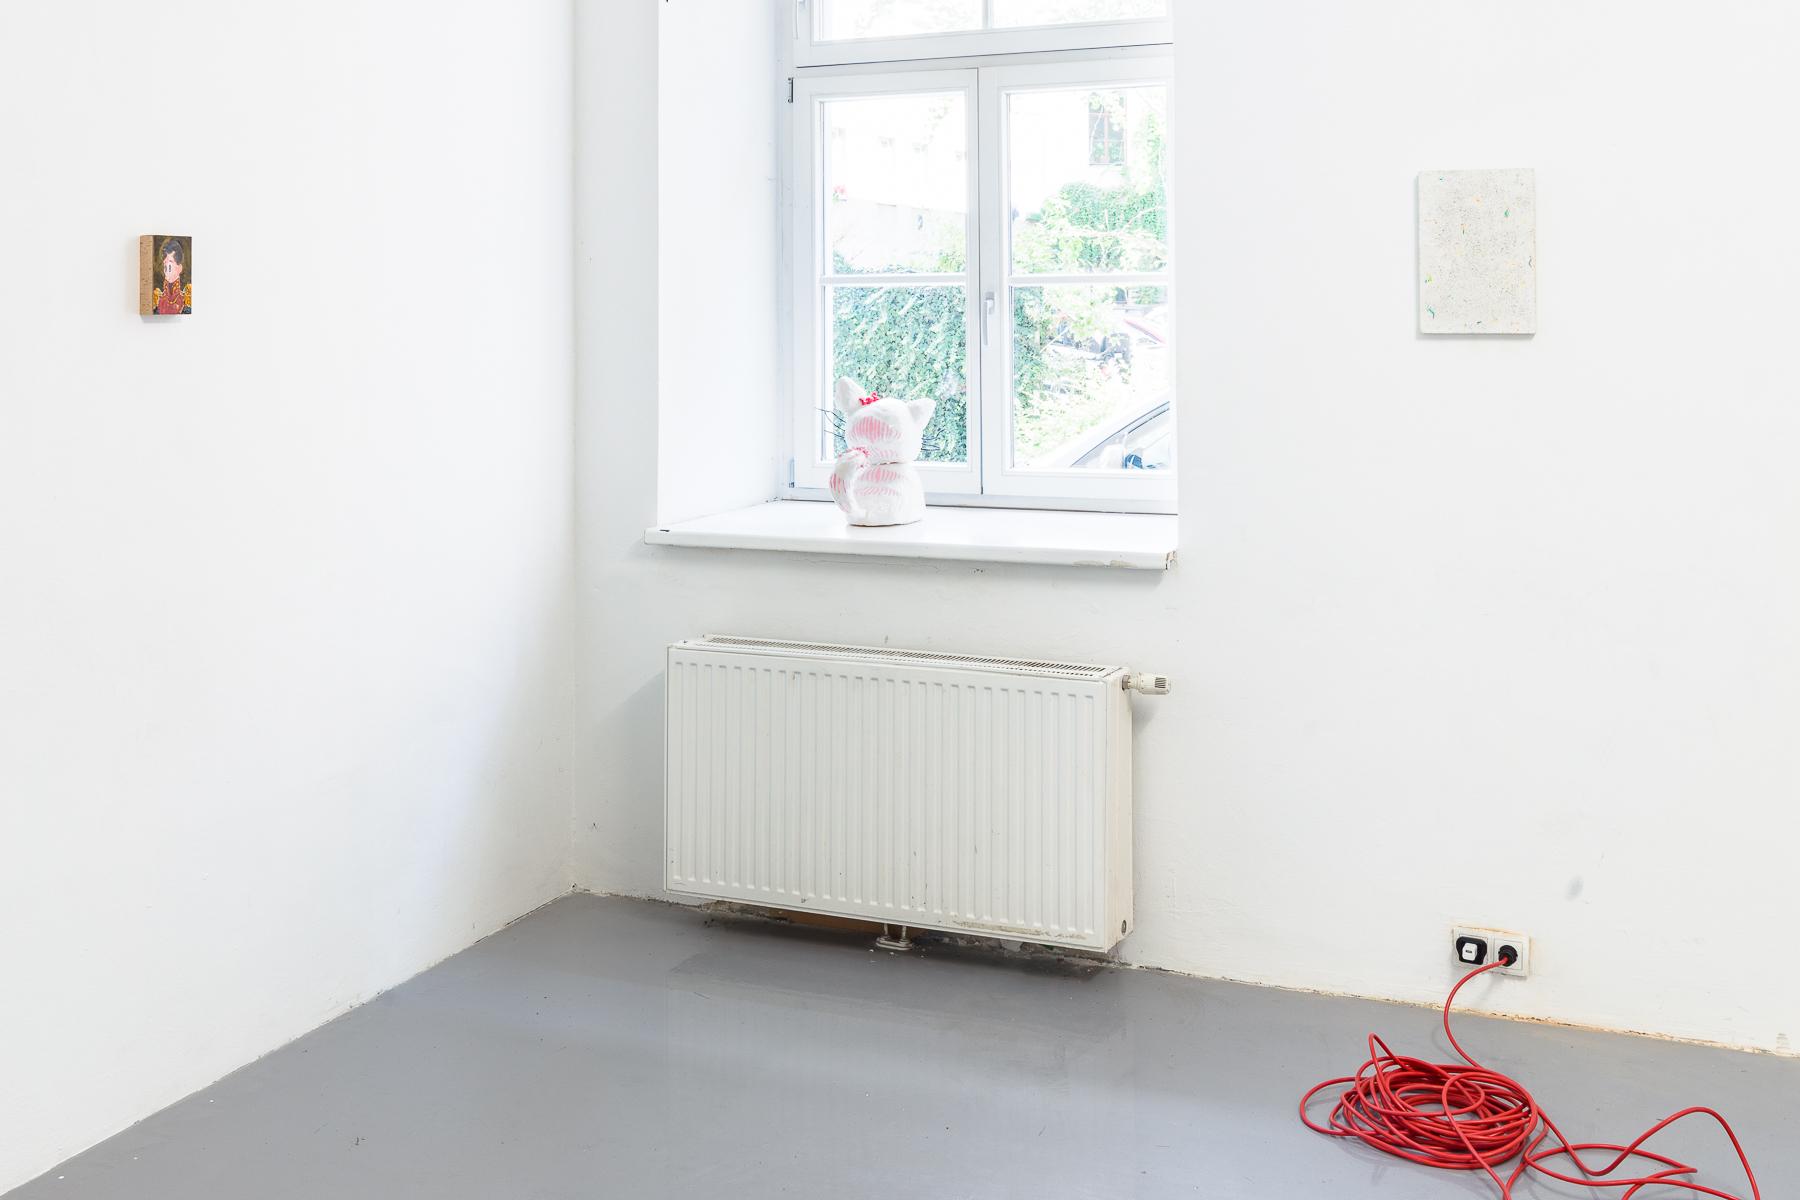 2019_07_23_Ebullicion_Kunstraum-am-Schauplatz_030_web.jpg